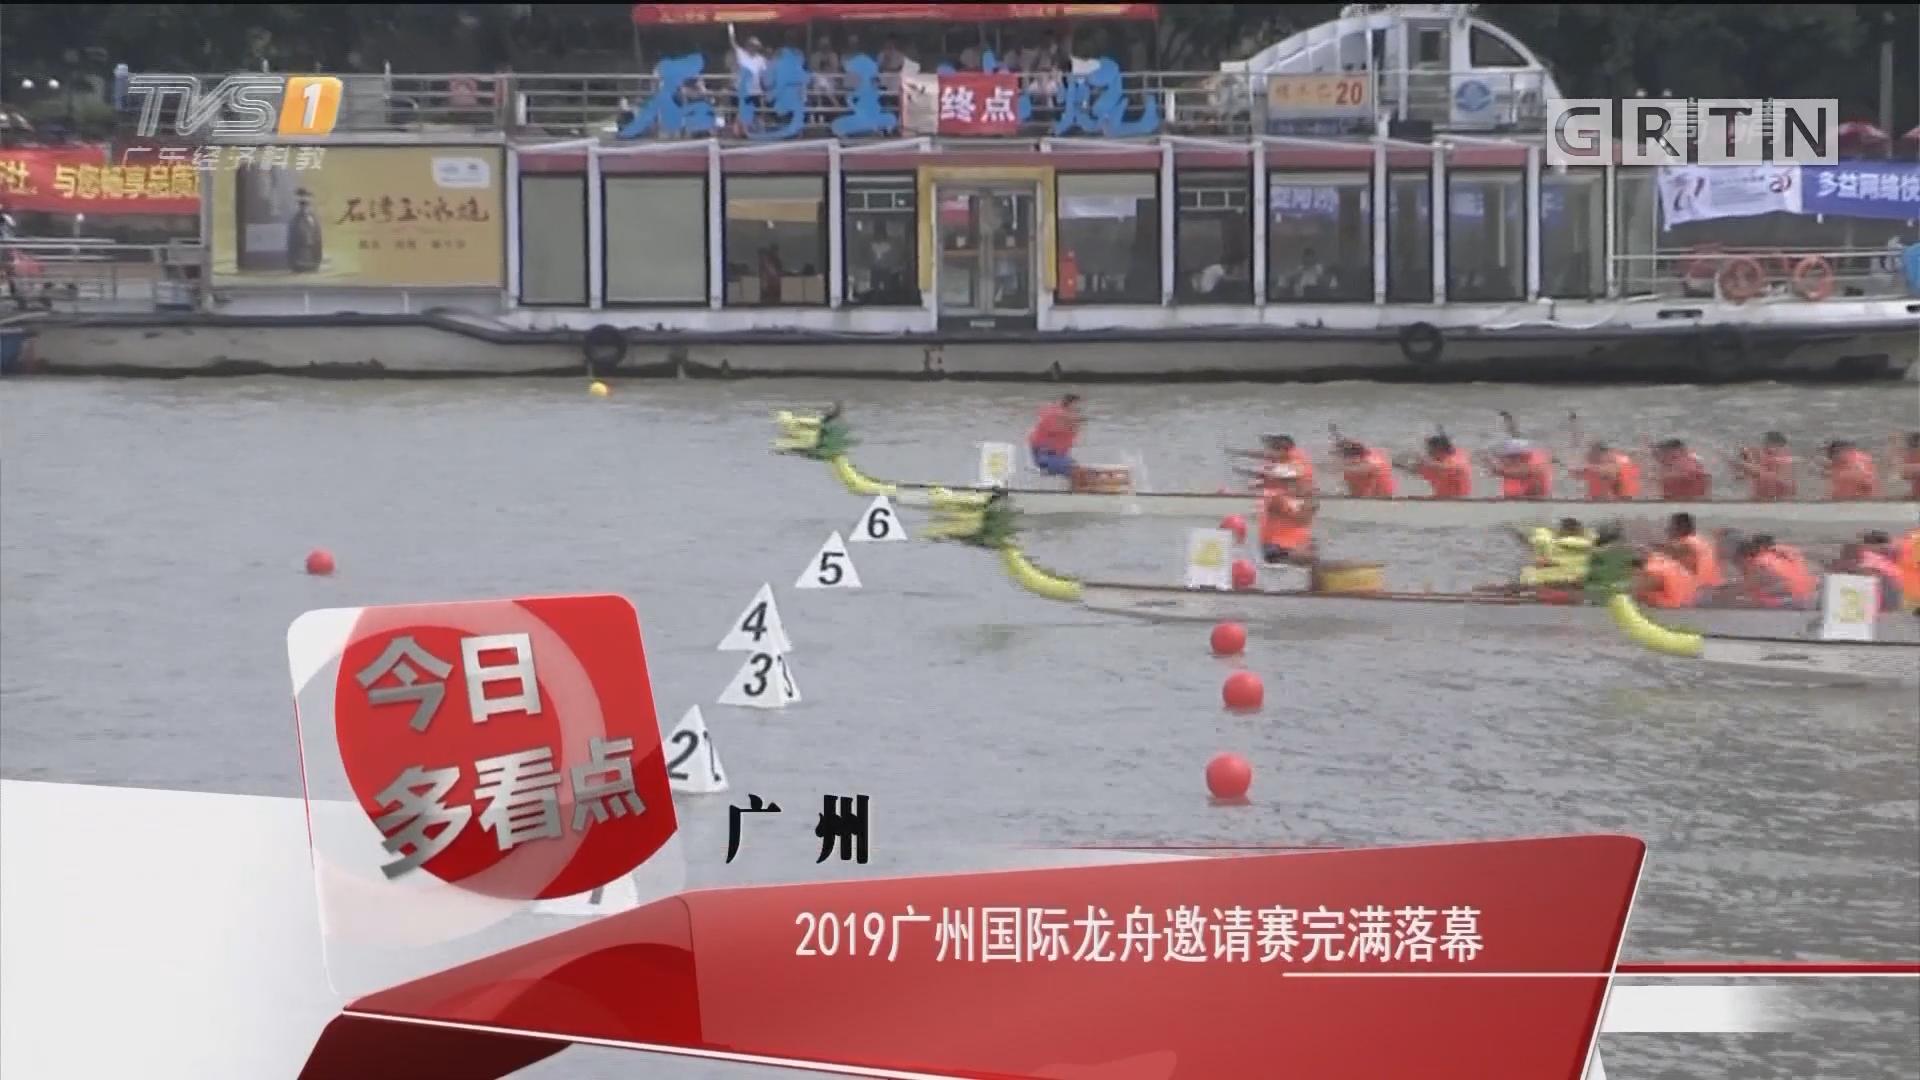 广州:2019广州国际龙舟邀请赛完满落幕